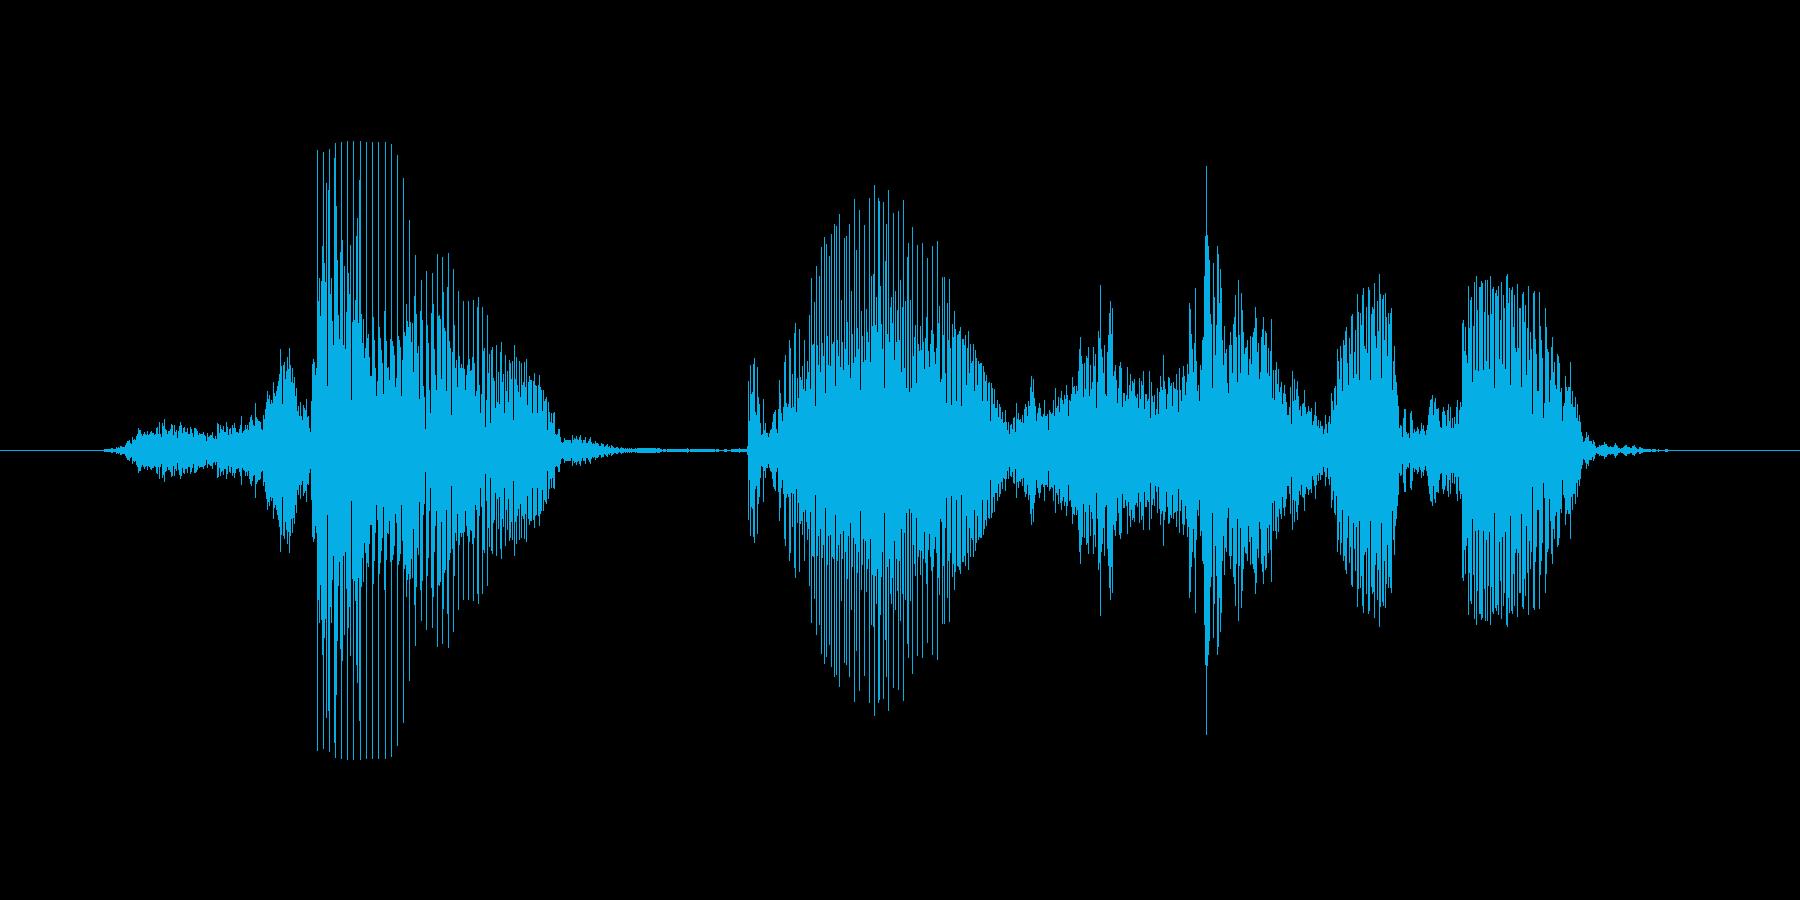 再開する(再会する)の再生済みの波形